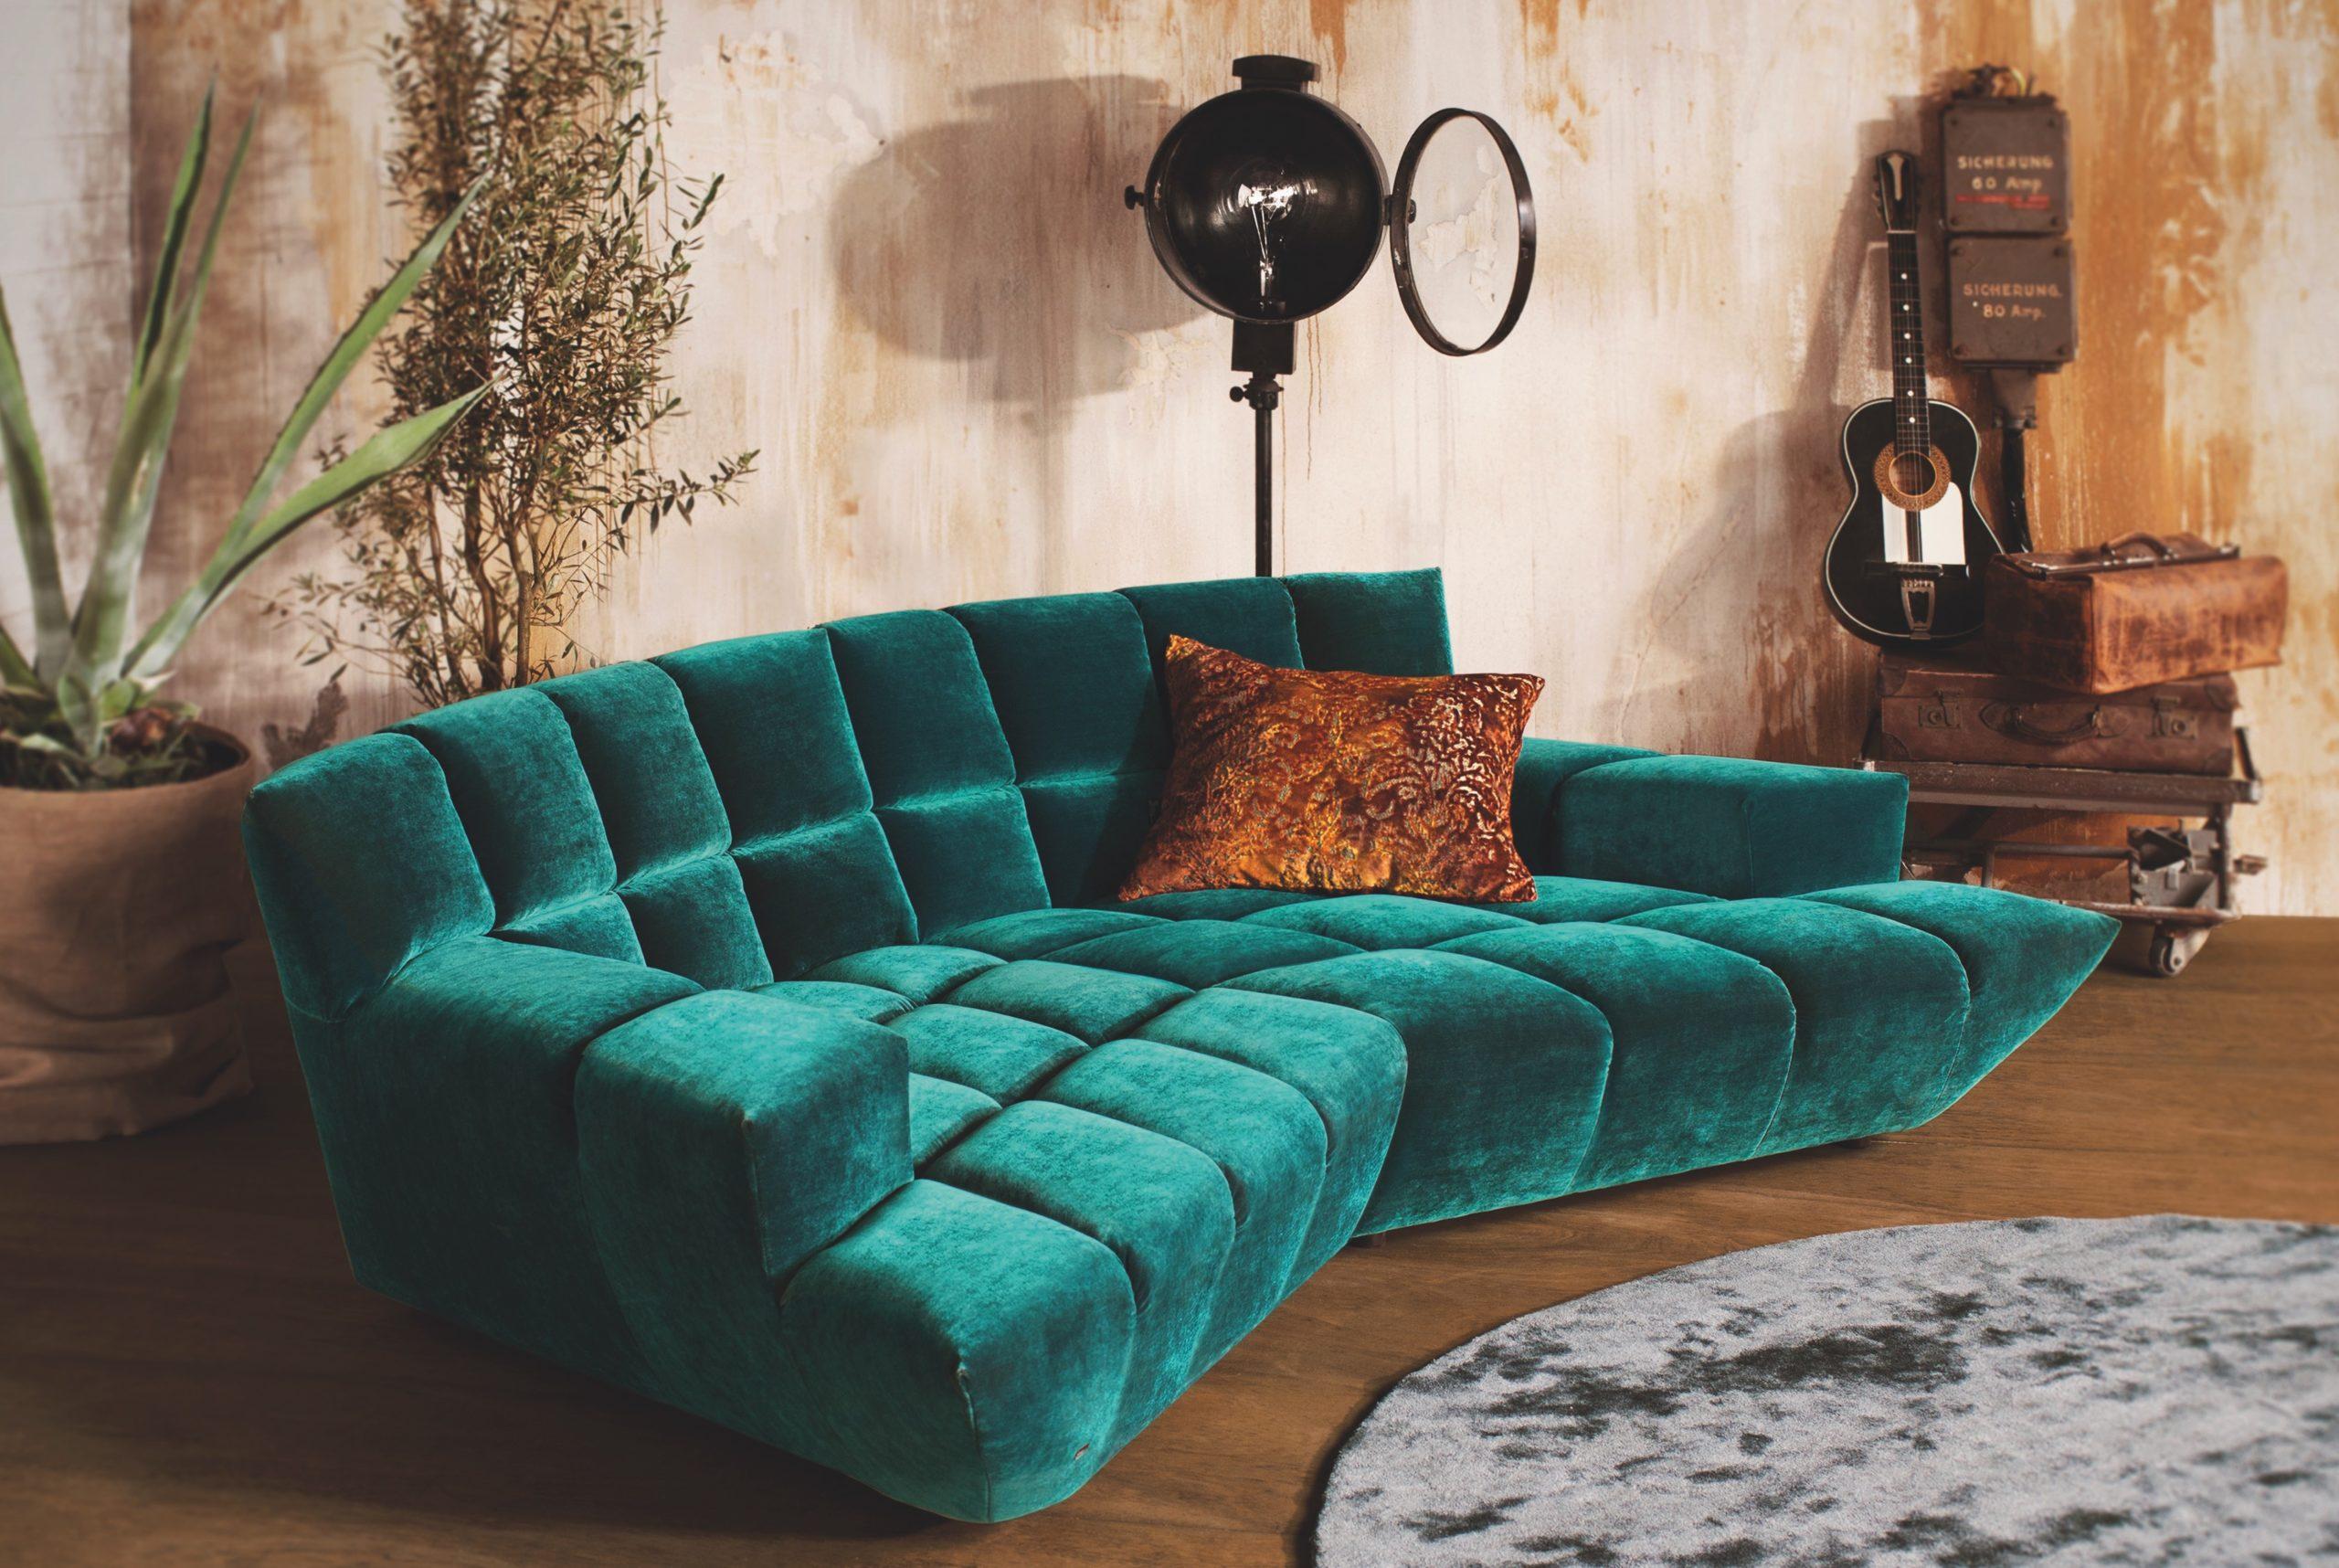 Full Size of Indomo Sofa Designermbel 2 Sitzer Mit Relaxfunktion Leder 3 1 Natura Rattan Garten Xxxl Big Kaufen Auf Raten Schlaffunktion Kolonialstil Sofa Indomo Sofa